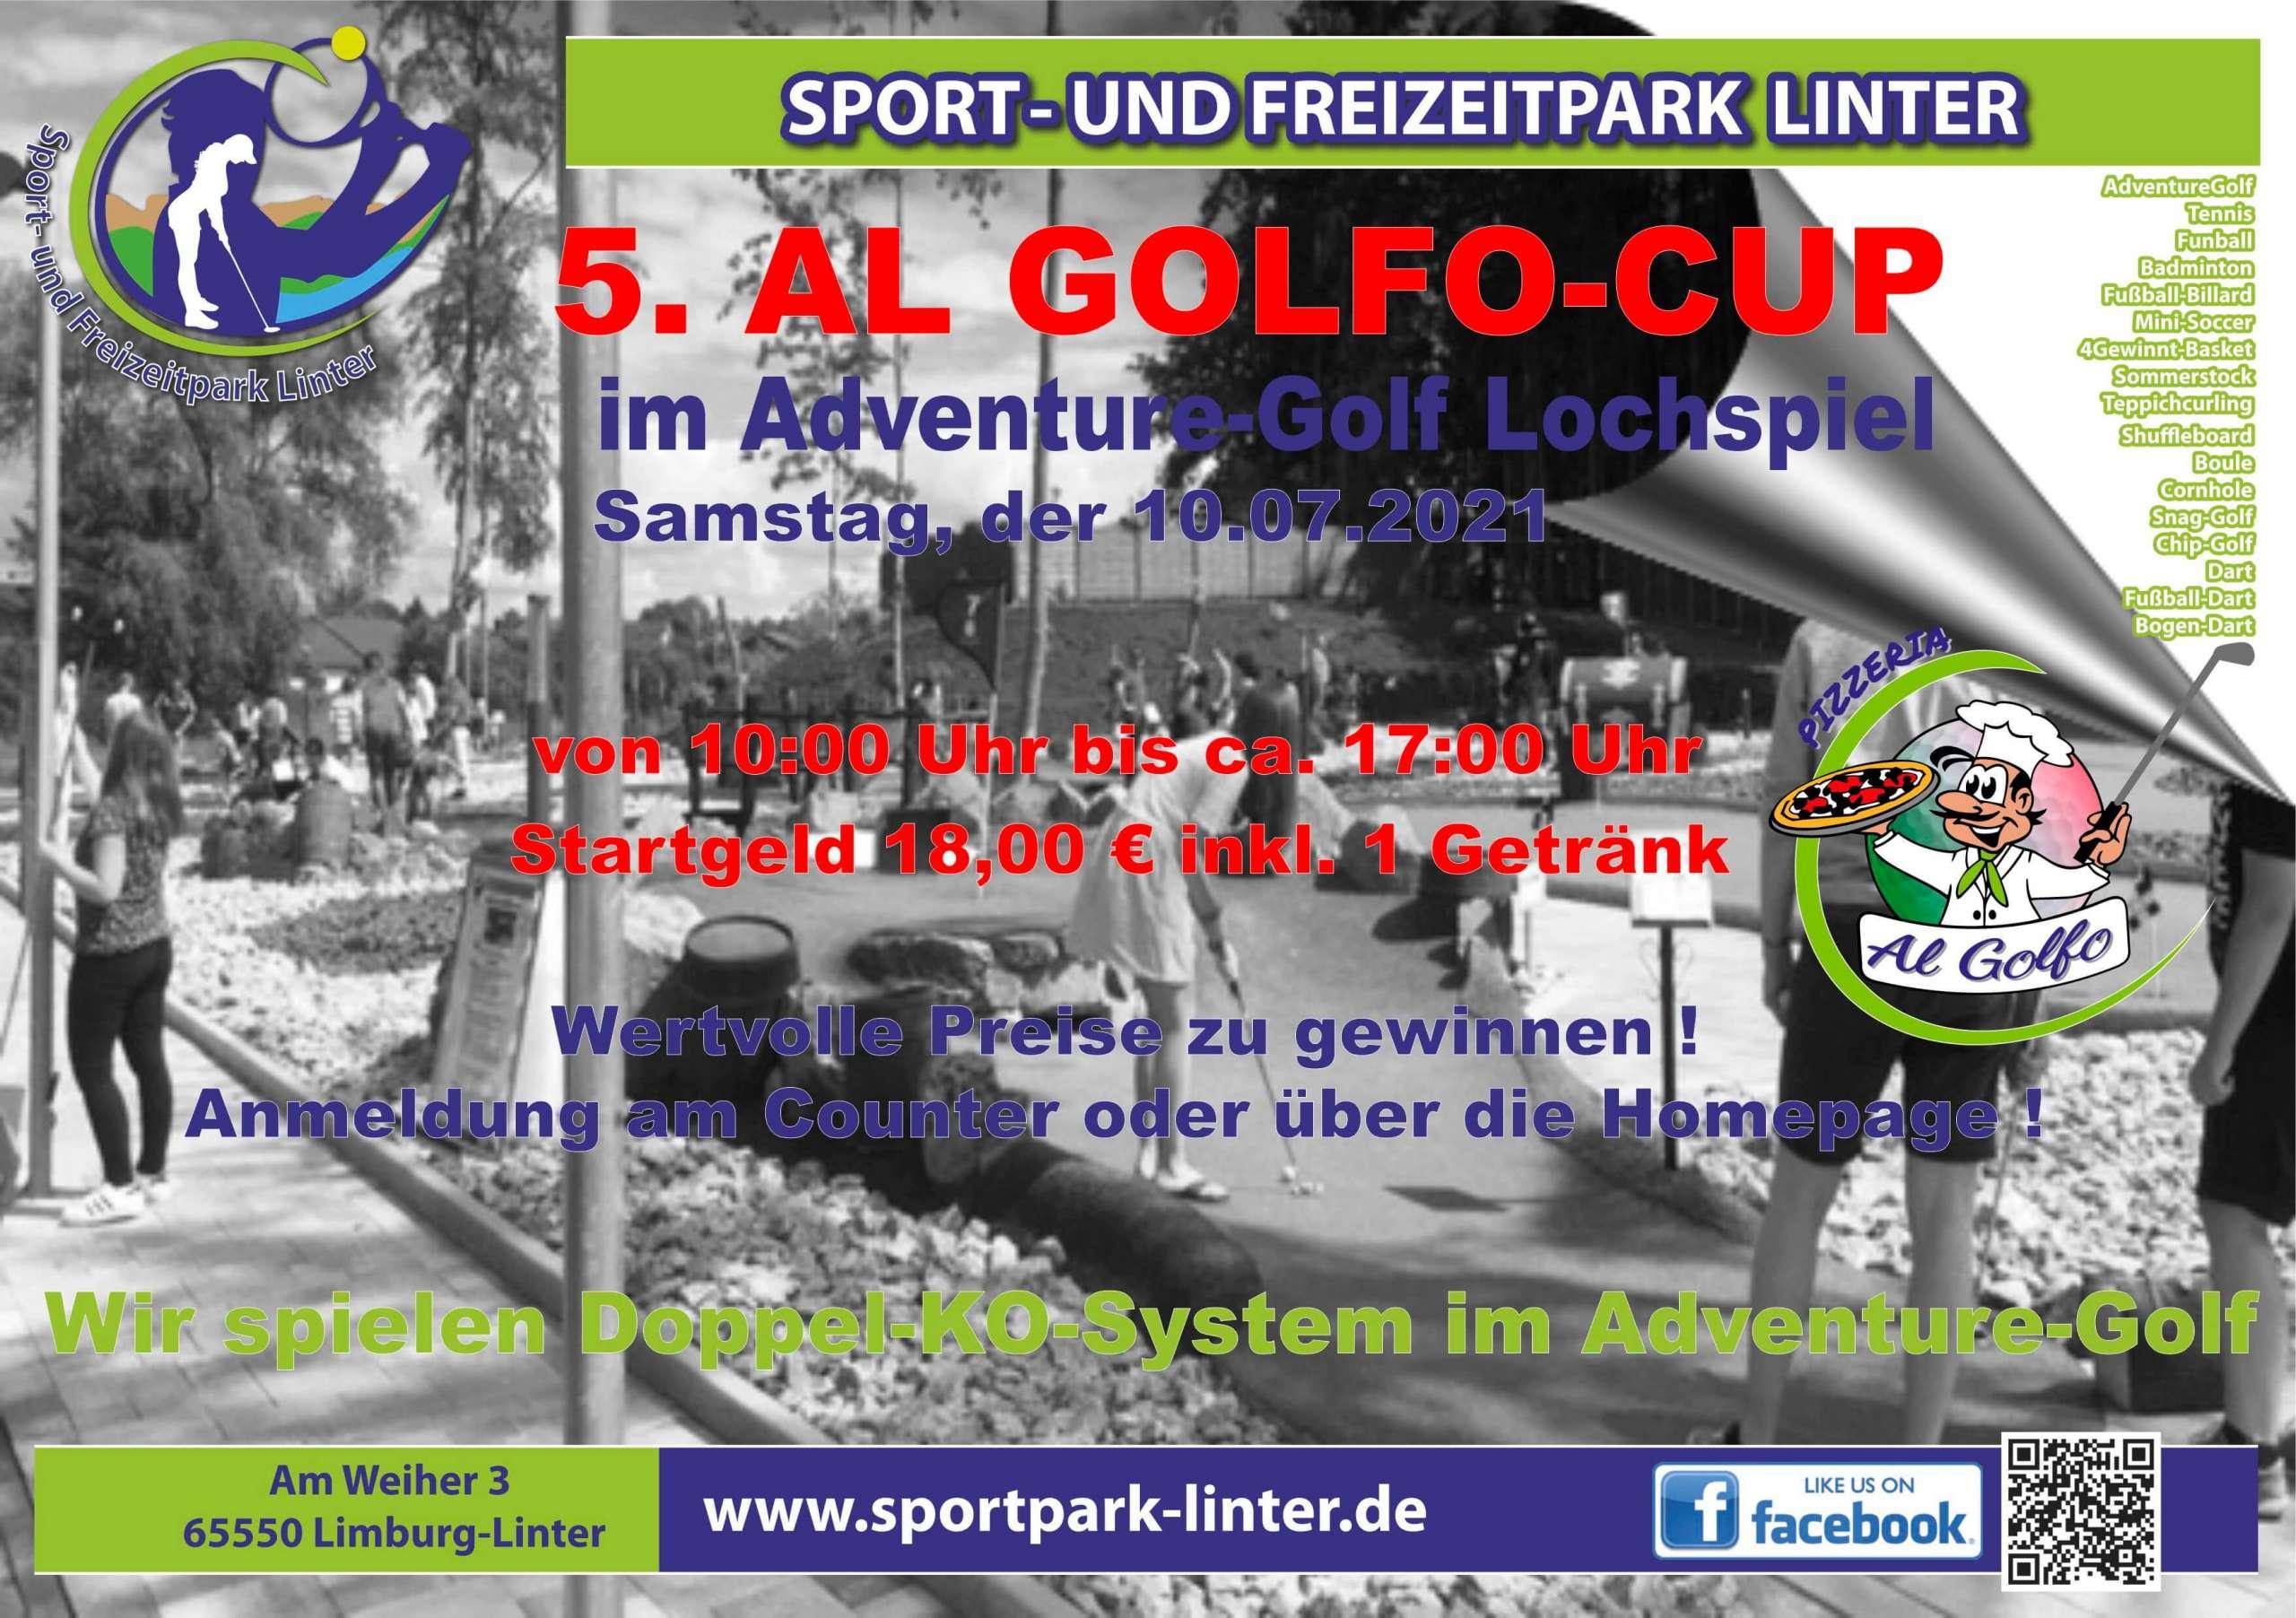 5. Al Golfo-CUP 2021